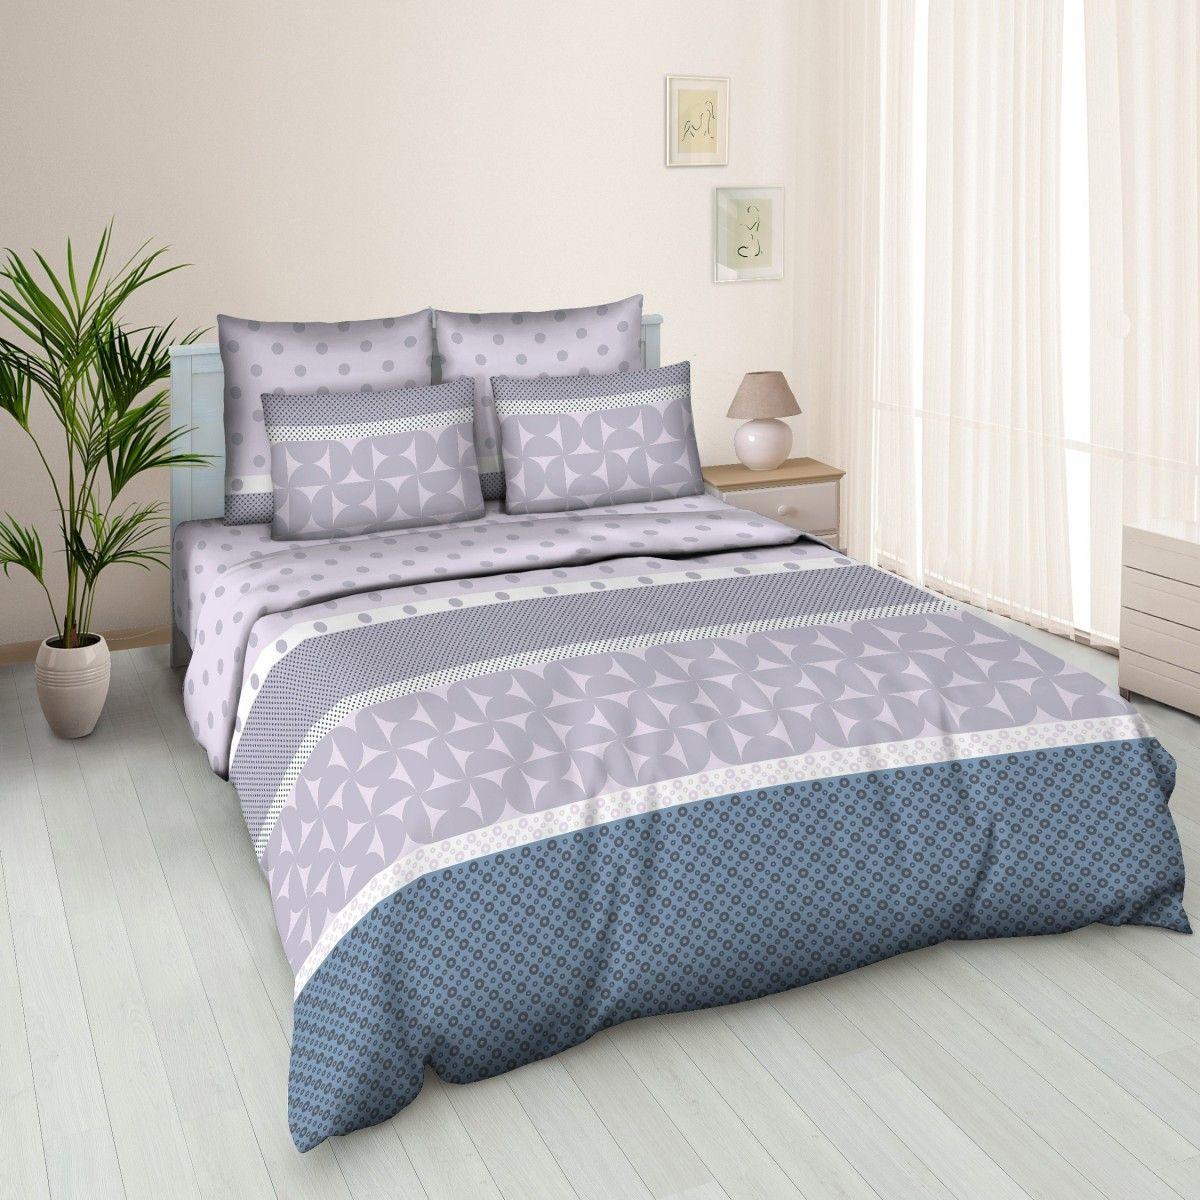 Комплект белья Amore Mio Solo, 2-спальный, наволочки 70x70, цвет: серый, синий391602Постельное белье из бязи практично и долговечно, а самое главное - это 100% хлопок! Материал великолепно отводит влагу, отлично пропускает воздух, не капризен в уходе, легко стирается и гладится. Новая коллекция Naturel 3-D дизайнов позволит выбрать постельное белье на любой вкус!